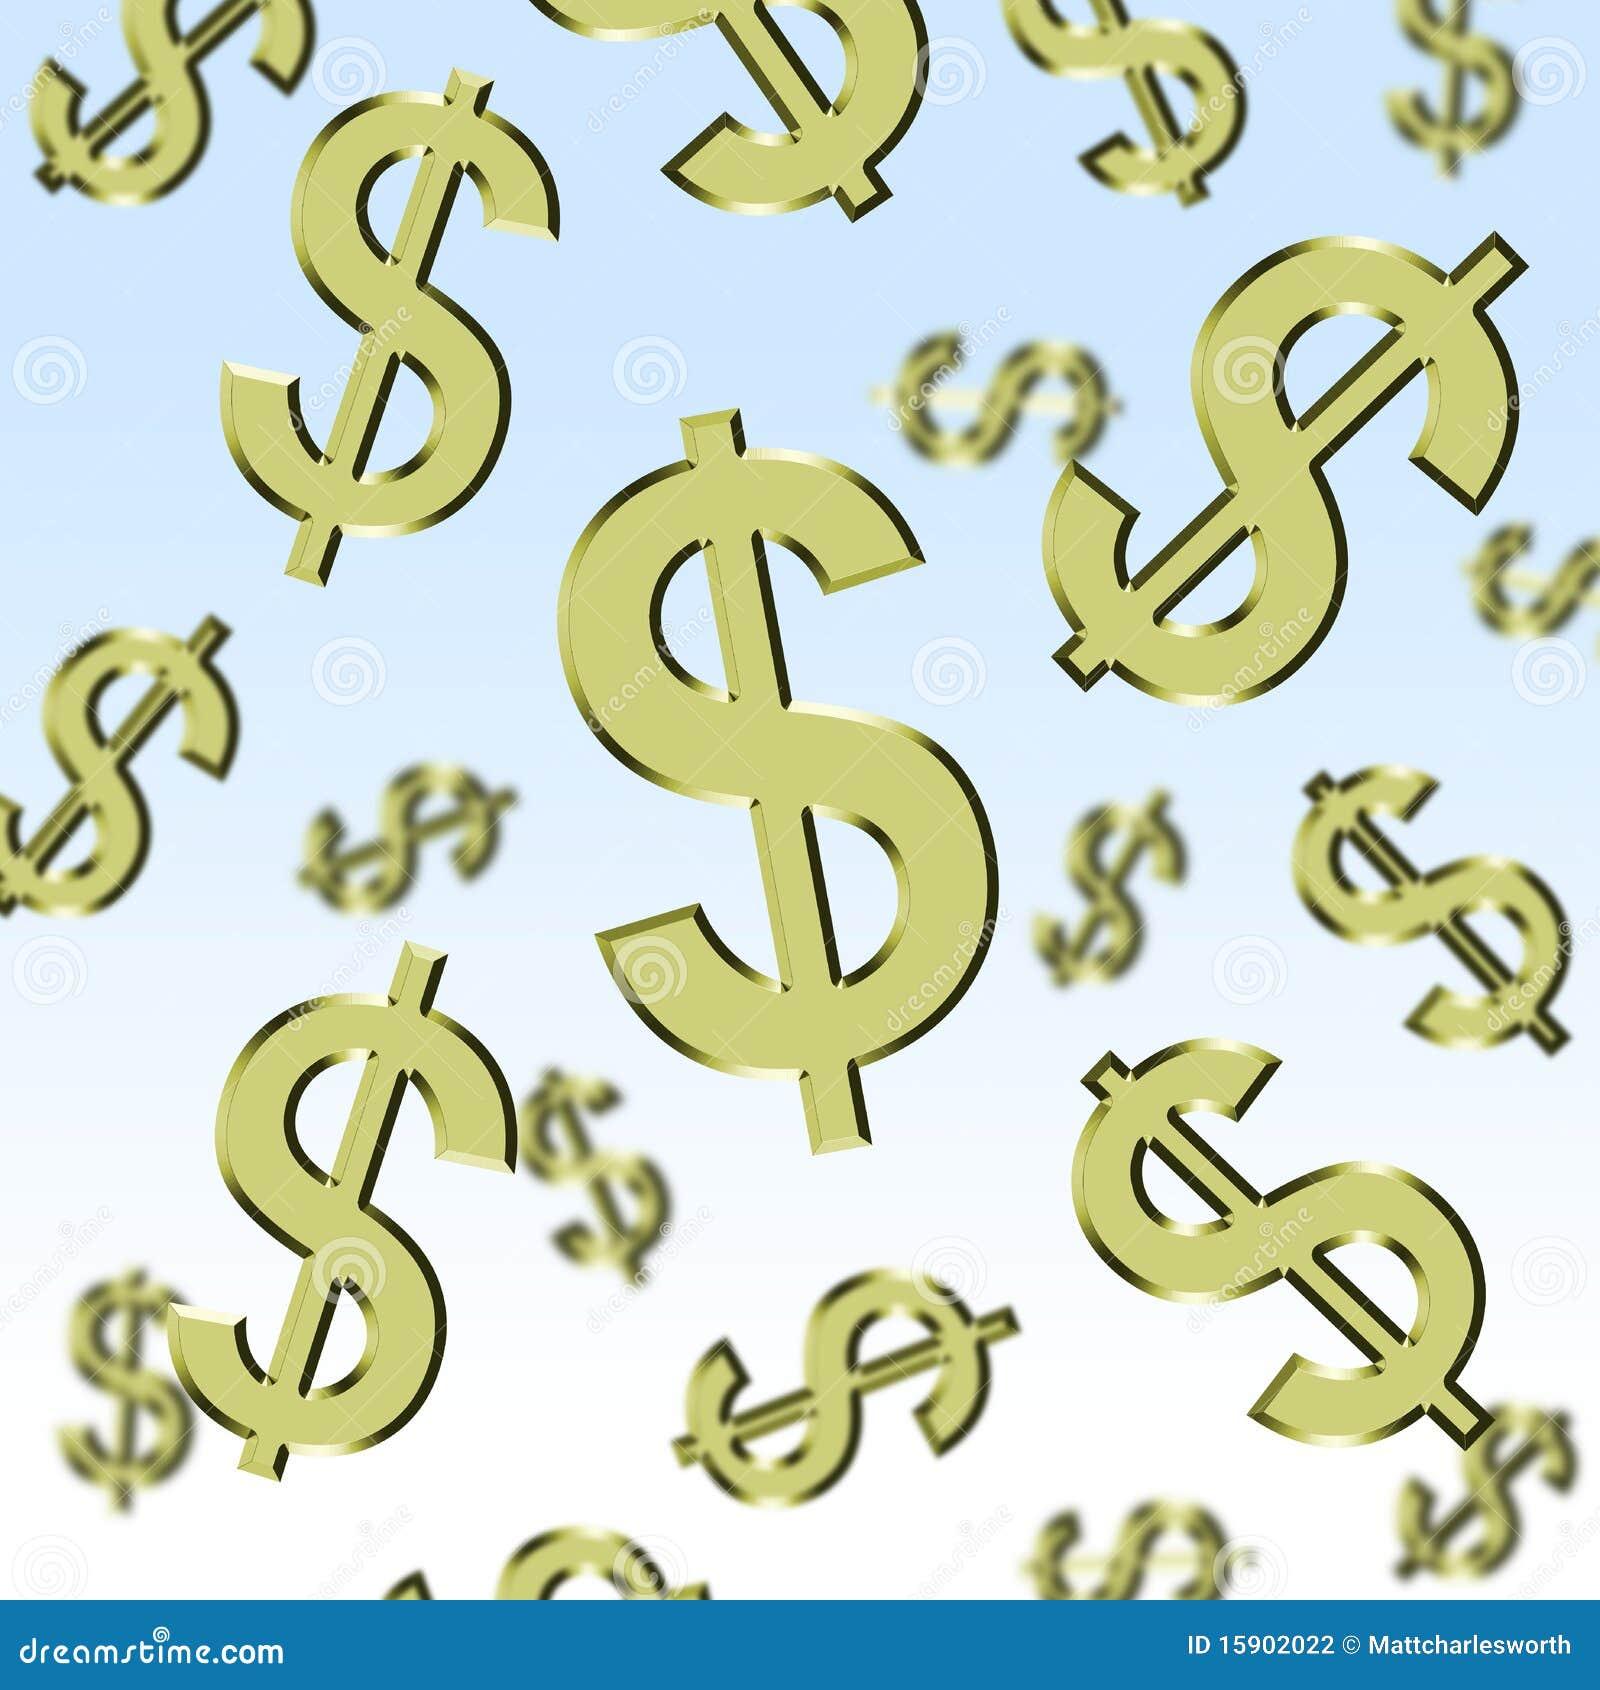 Raining Dollars stock illustration. Image of dollars ...